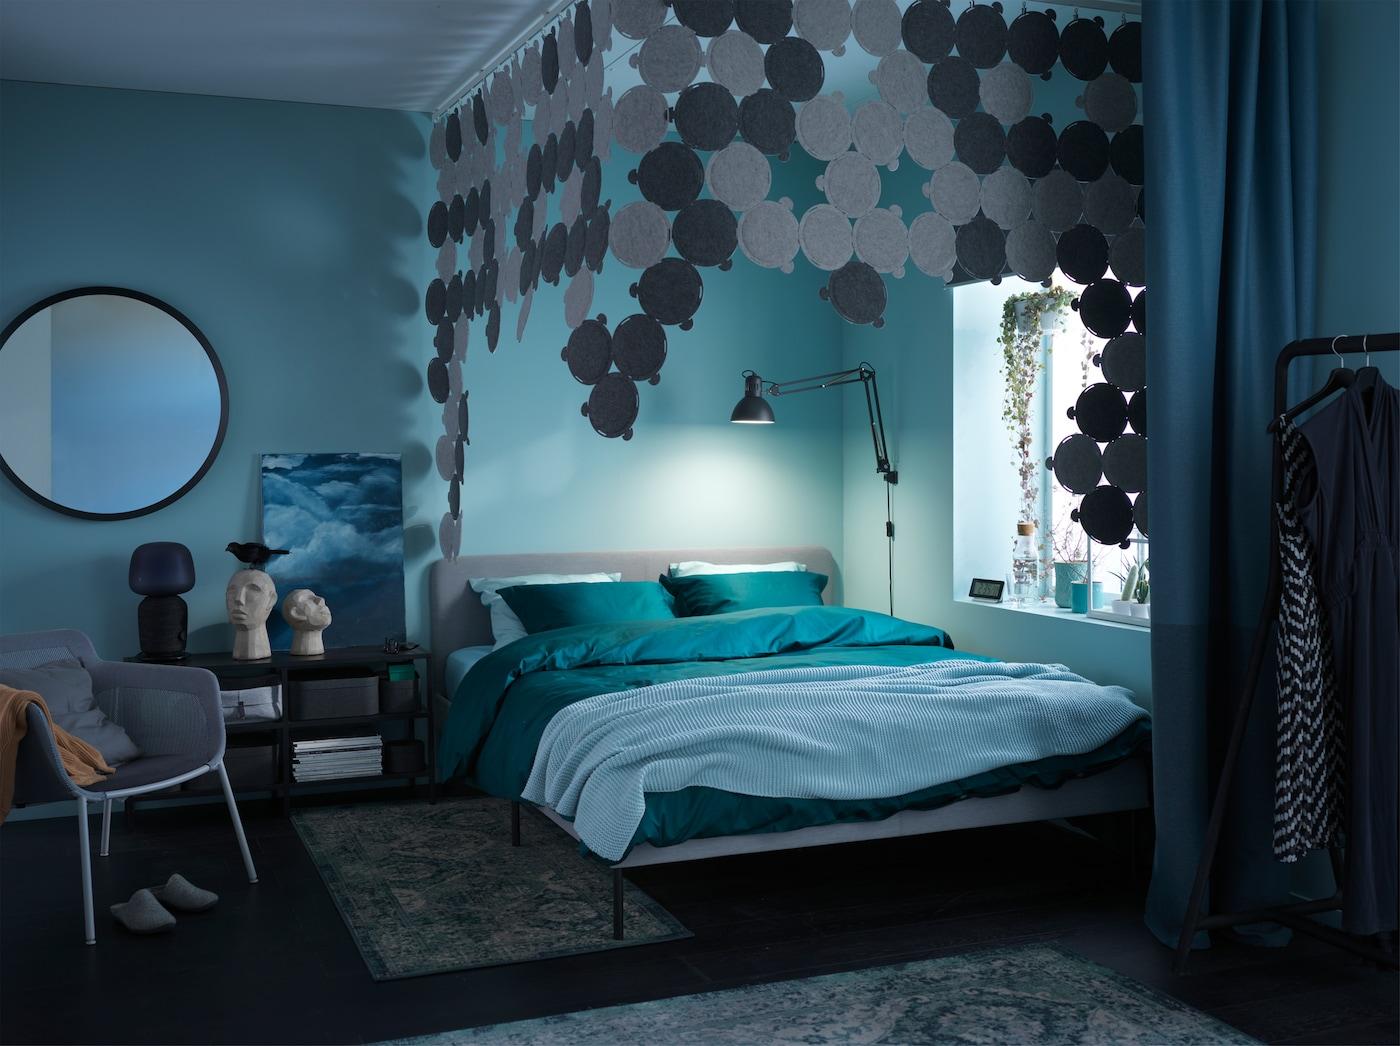 グリーンとブルーのテキスタイル、吸音パネル、快適なラグでコーディネートされた暗くて心地よいベッドルーム。